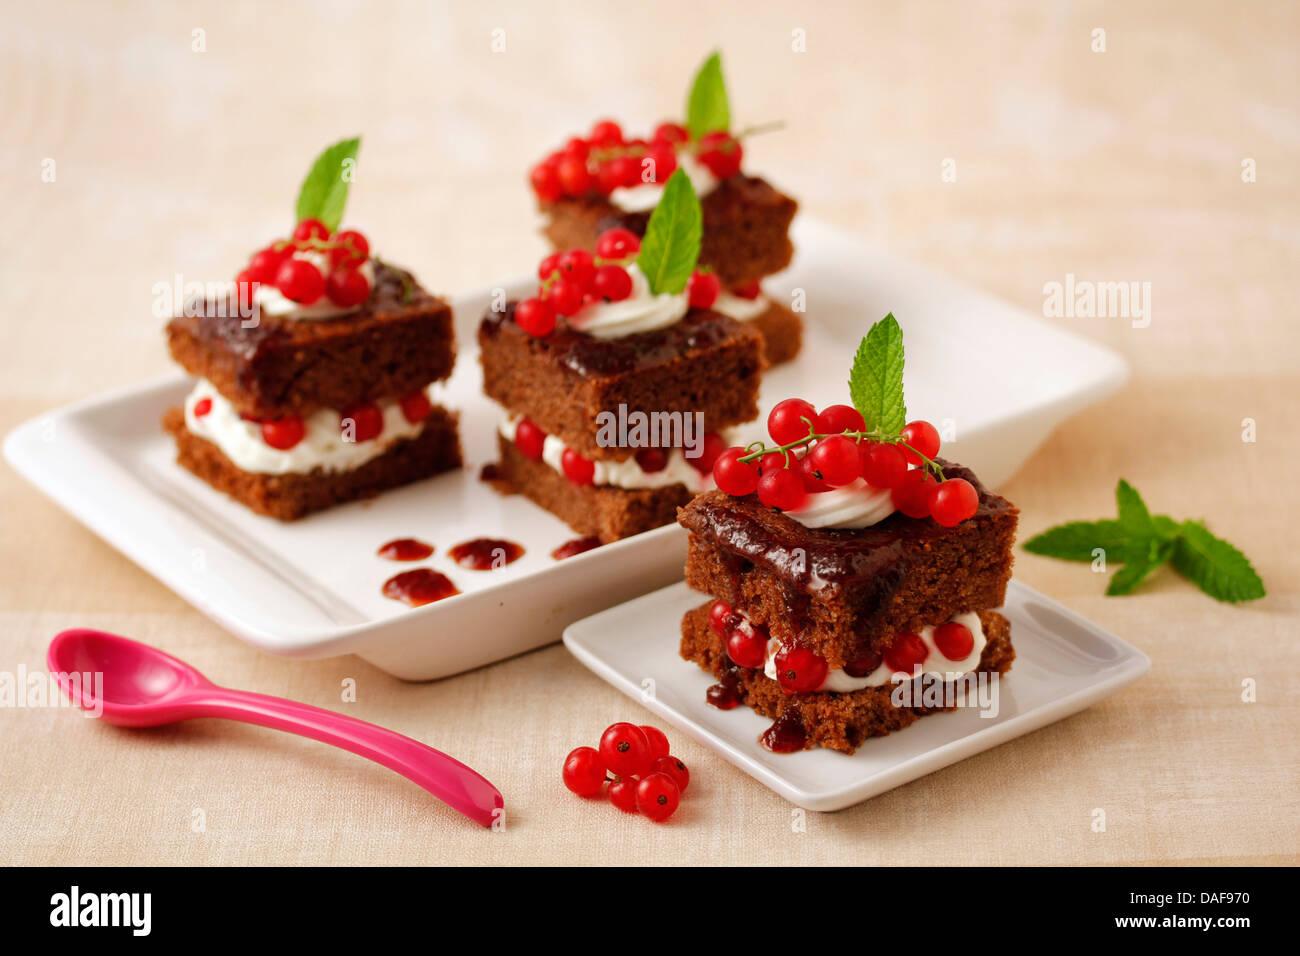 Schokolade Kuchen Mit Roten Johannisbeeren Rezept Zur Verfugung